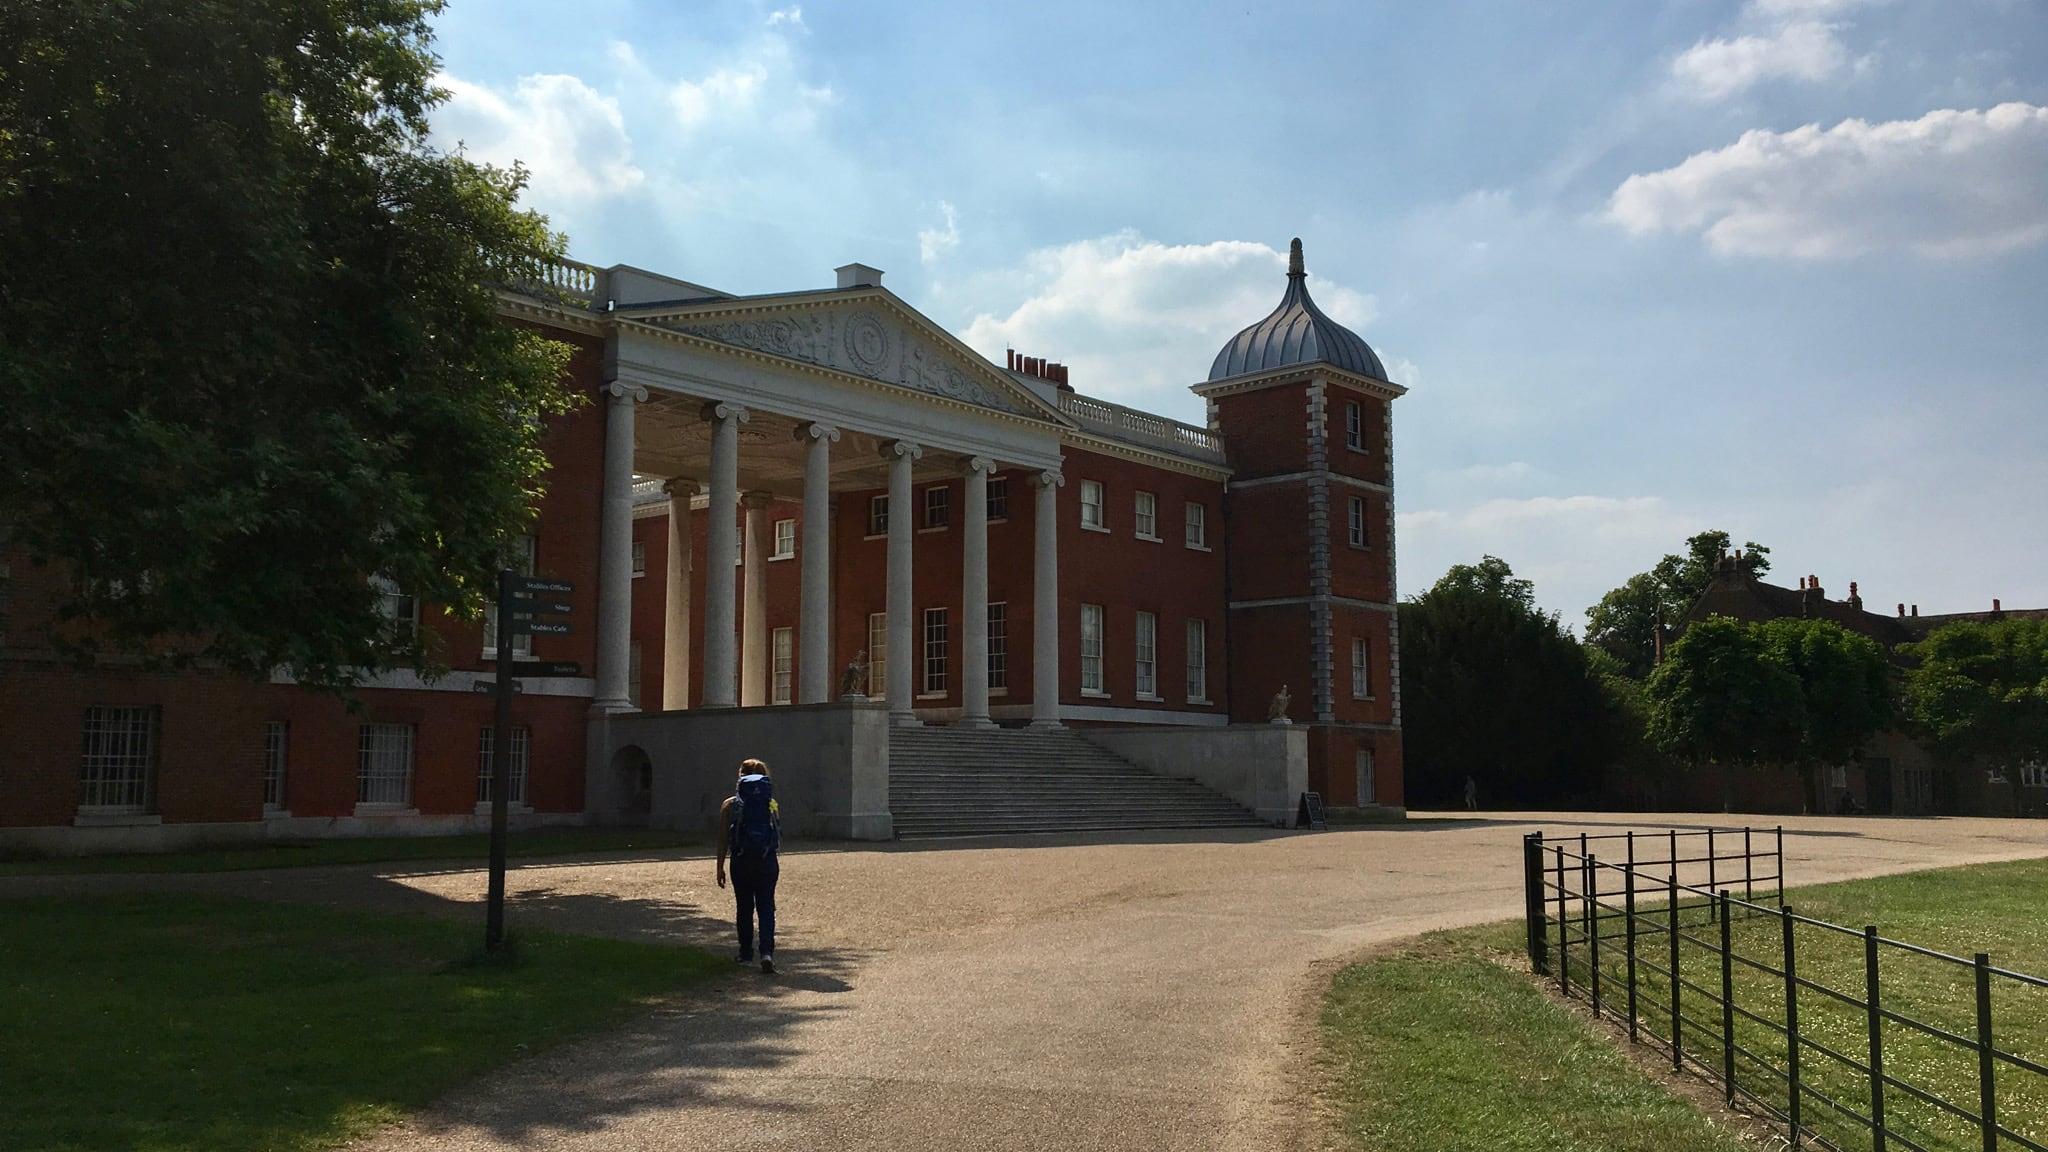 Der Osterley Park in Hounslow in England mit Herrenhaus Osterley